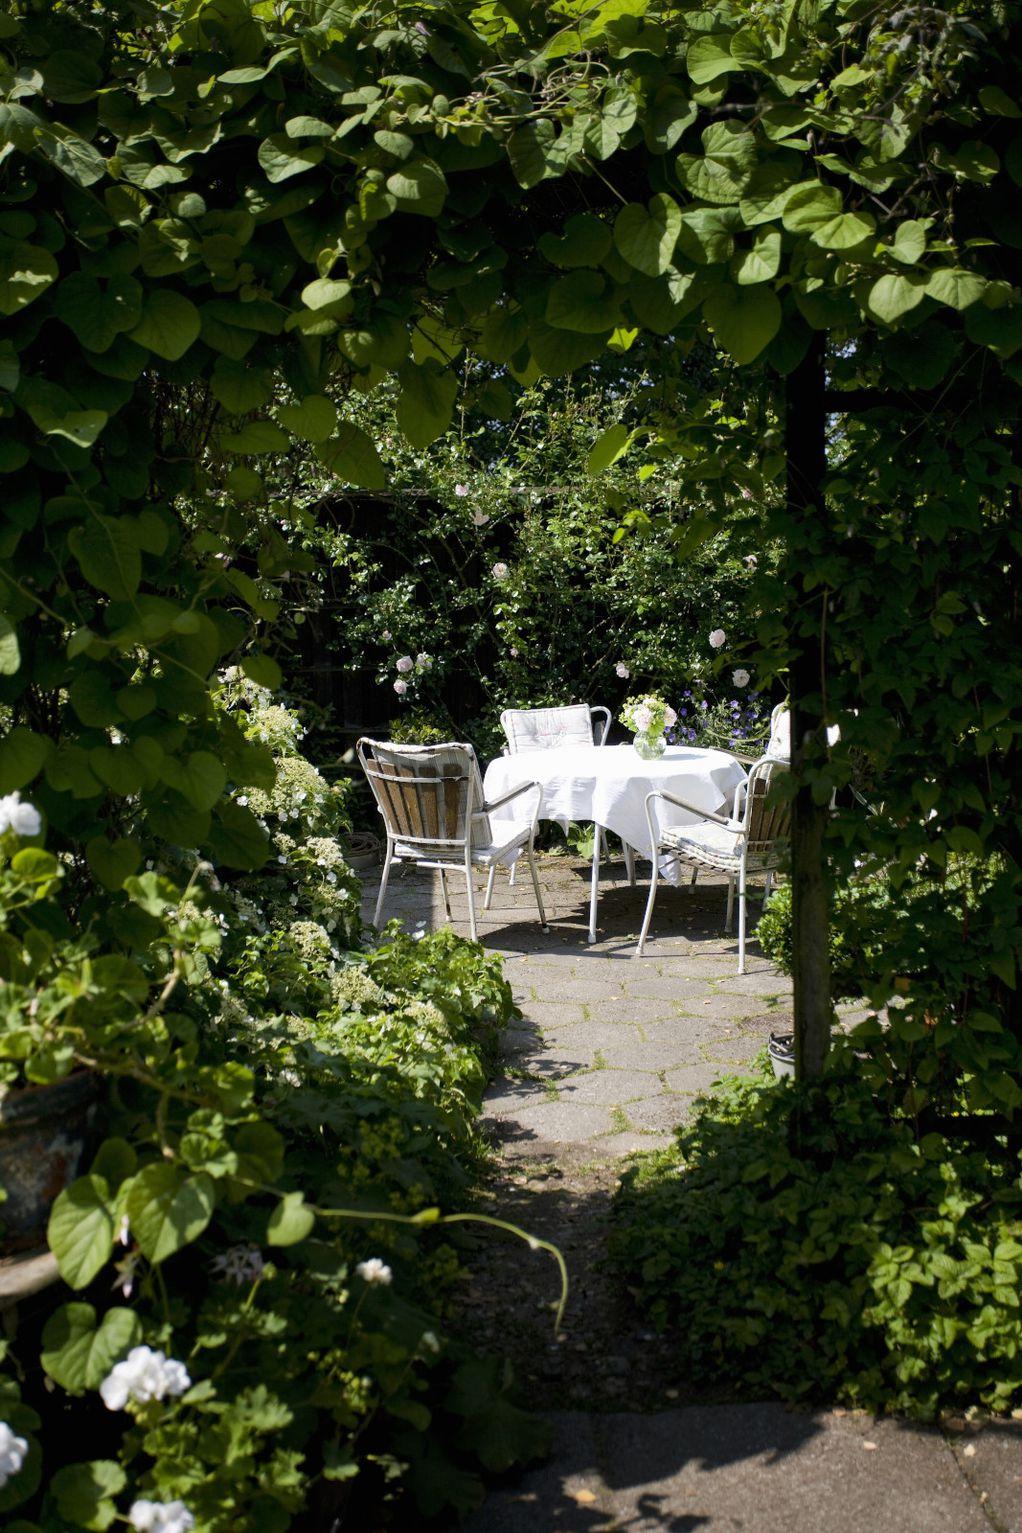 10 скриени градини во коишто ќе посакате да останете дури и по изолацијата